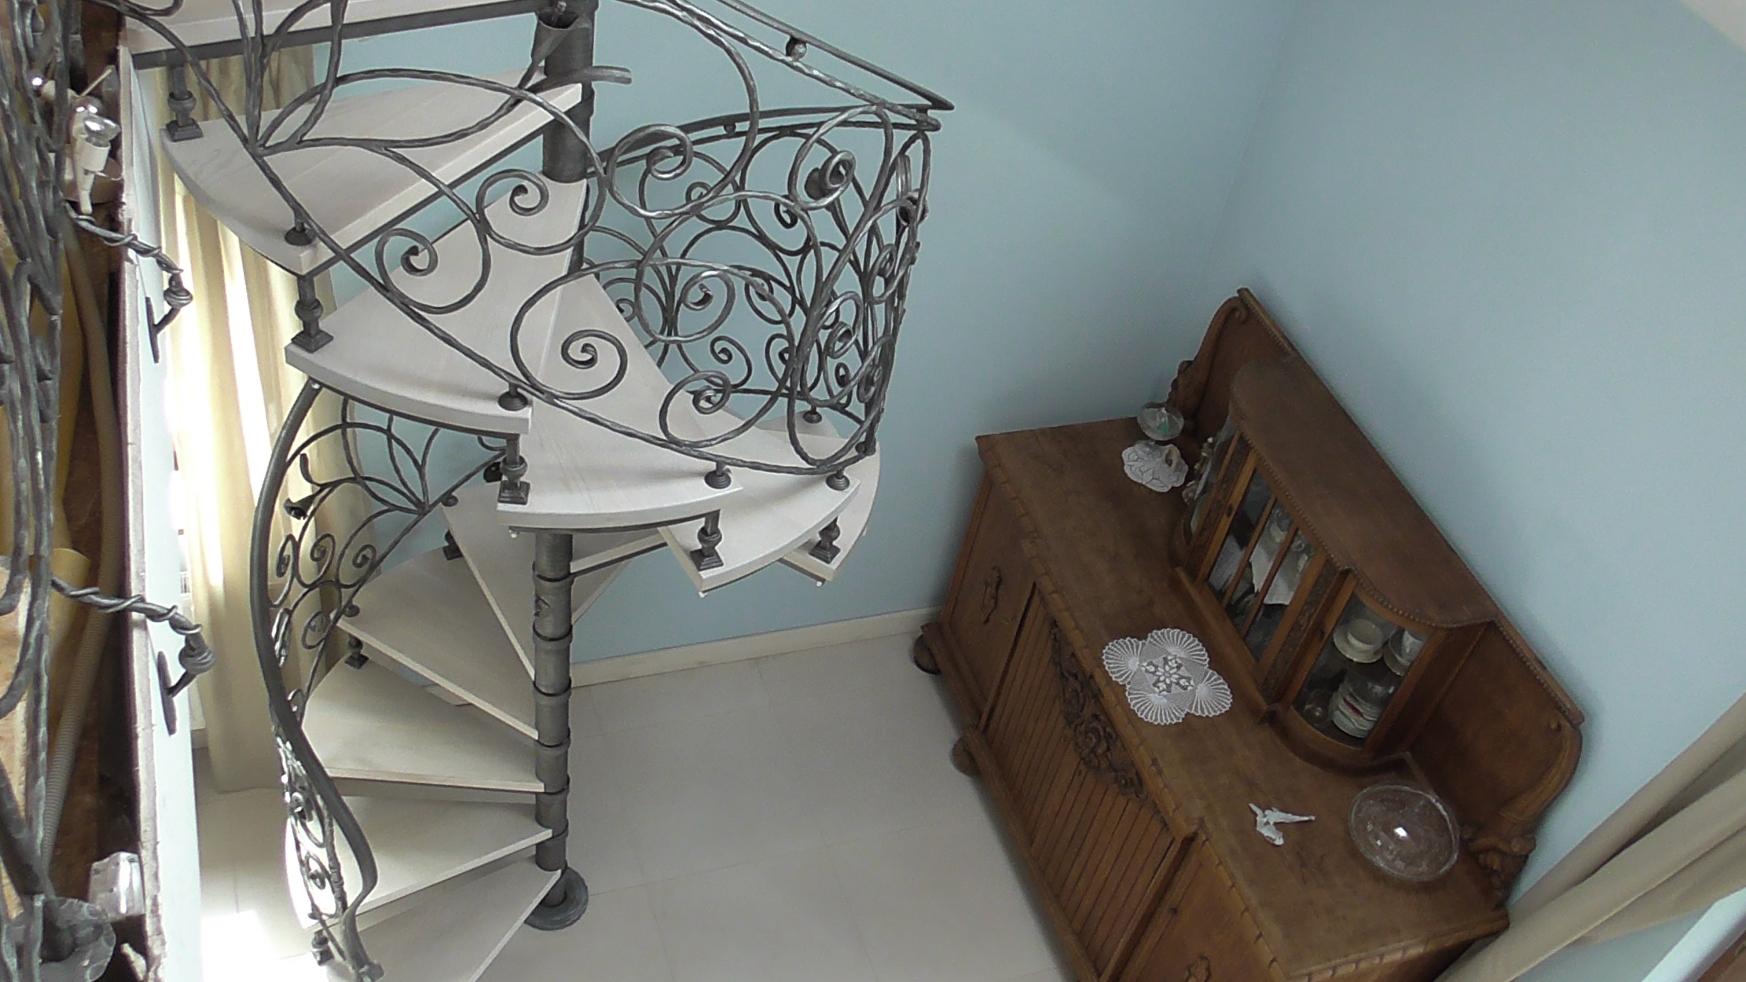 Кованые лестницы в доме, особенности и достоинства конструкции, что влияет на стоимость, критерии выбора - 16 фото